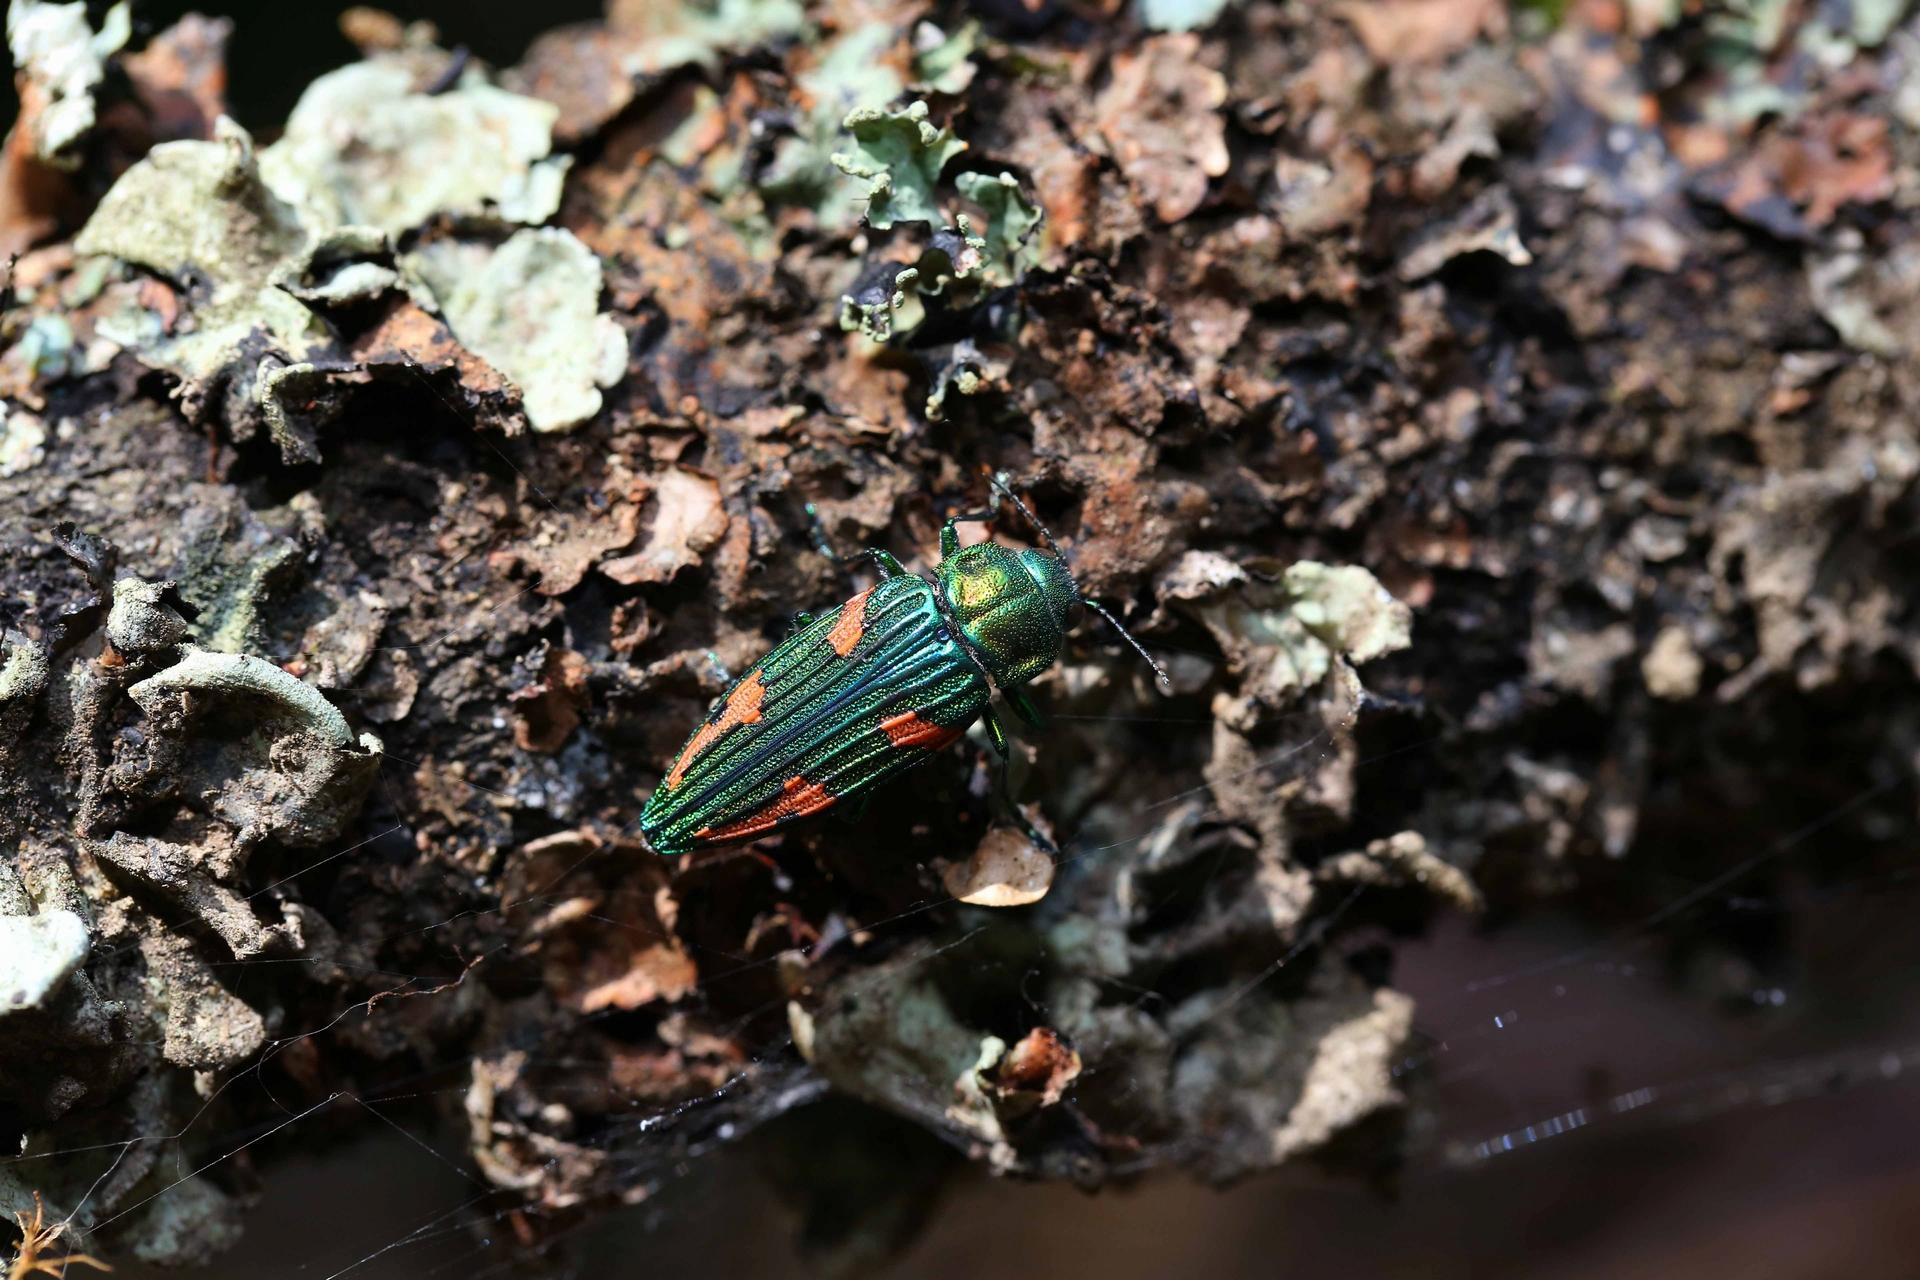 牠是台灣公認最難遇到的保育類昆蟲。(妖豔吉丁蟲 保育類昆蟲),攝影|黃仕傑